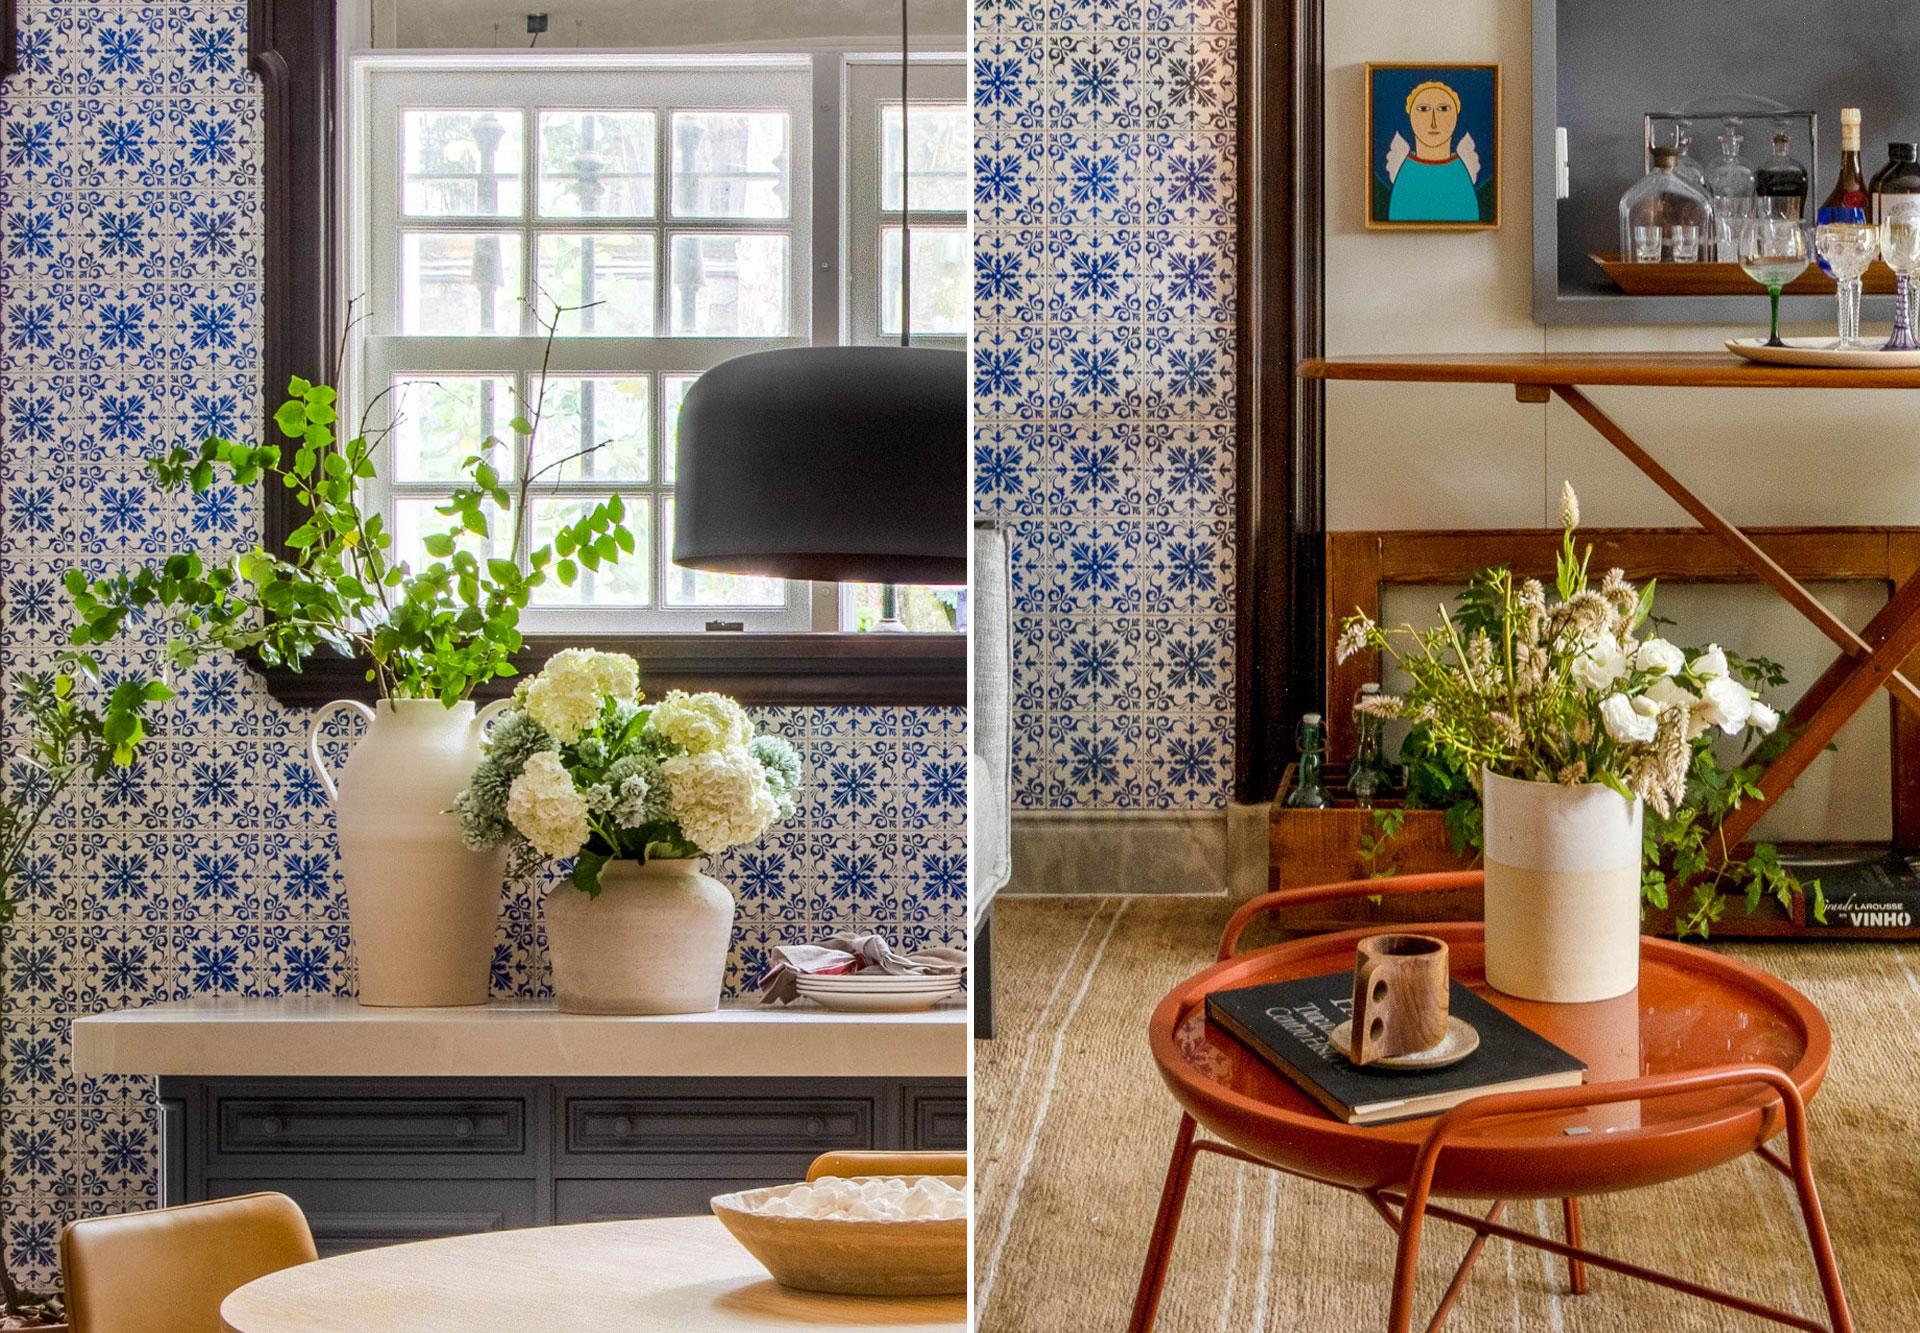 flores casacor rio flores da casa vasos arranjos